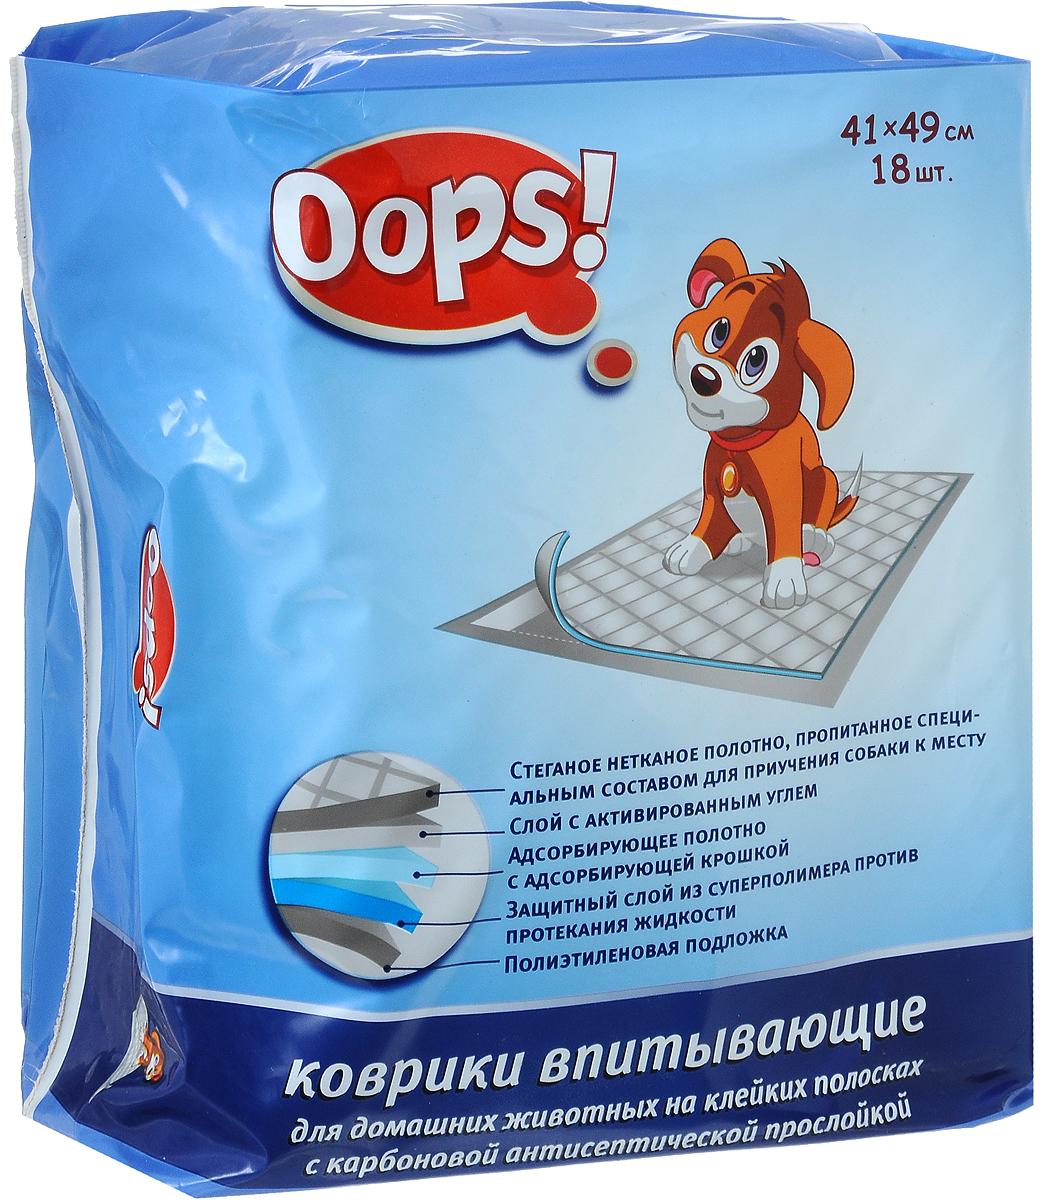 Коврики для домашних животных OOPS!, впитывающие, на клейких полосках, 41 х 49 см, 18 шт3678Впитывающие коврики OOPS! с адсорбирующим суперполимером для щенков и взрослых собак всех пород и размеров. При производстве ковриков используется Sumitomo - японский материал с лучшей в мире впитывающей способностью. Коврики OOPS! имеют клейкие полоски, с помощью которых коврик можно закрепить на любой поверхности. Вам просто нужно убрать бумажные полоски с пластикового покрытия и приклеить коврик туда, куда вам удобно. Специальная обработка ковриков OOPS! приучает собаку к месту, облегчает тренировку.Коврики OOPS! поглощают влагу и неприятные запахи, надежно удерживая внутри коврика, не выпуская наружу. Предохраняют поли мебель от царапин и шерсти. Незаменимы в период лактации, в первый месяц жизни щенков, при специфических заболеваниях, в поездках, выставках и на приеме у ветеринарного доктора.Состав: целлюлоза, впитывающий суперполимер, нетканое полотно, полиэтилен, активированный уголь.